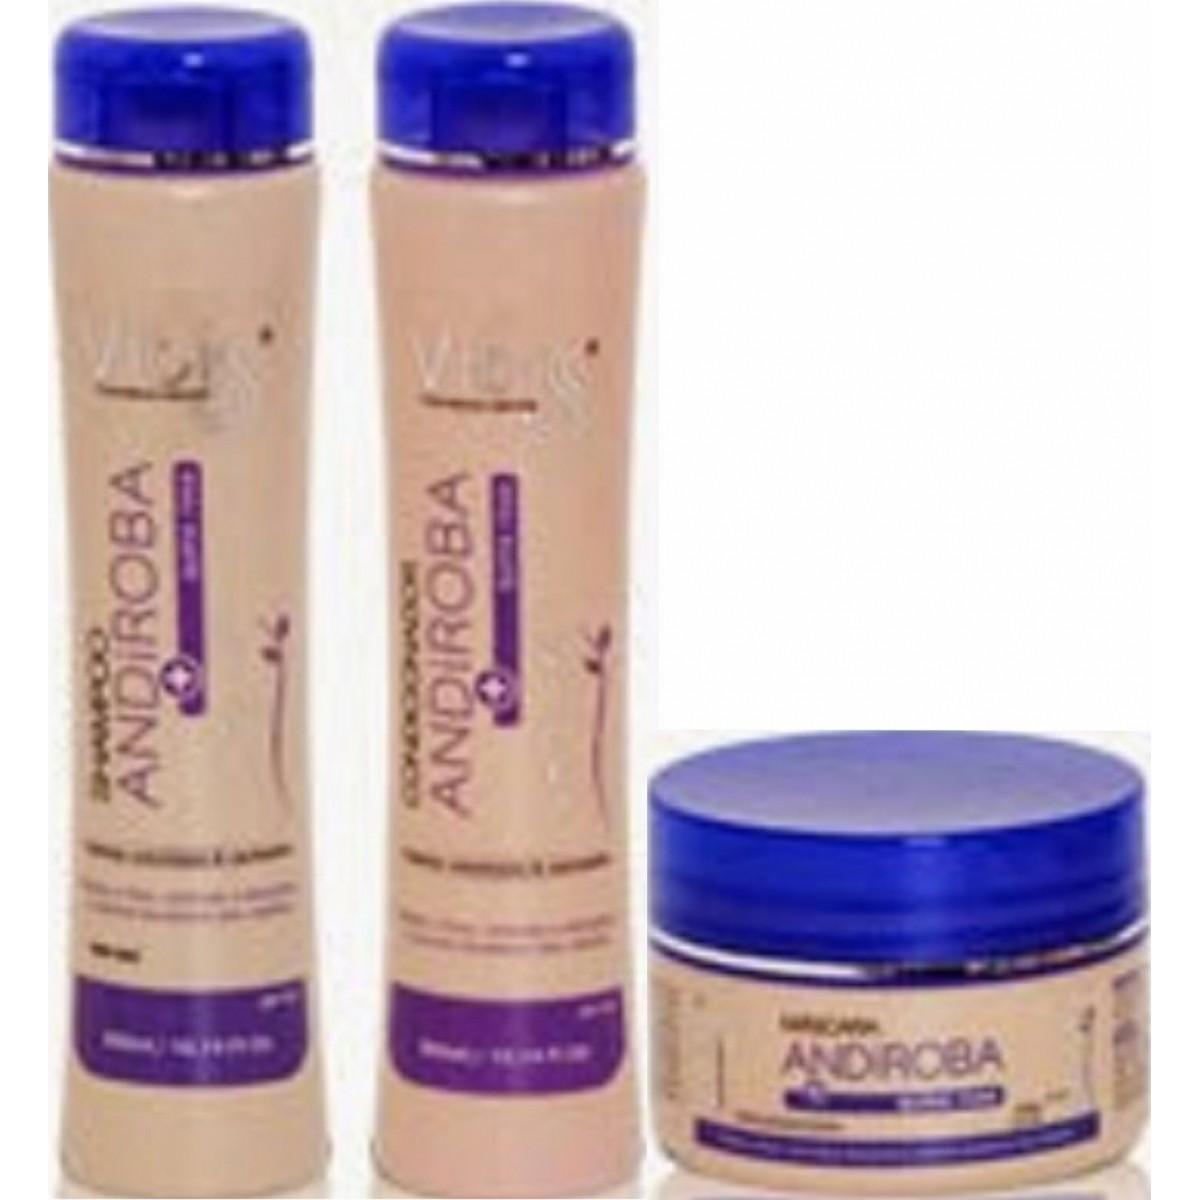 Kit Vitiss Andiroba Shampoo 300ml + Condicionador 300ml + Máscara 250g